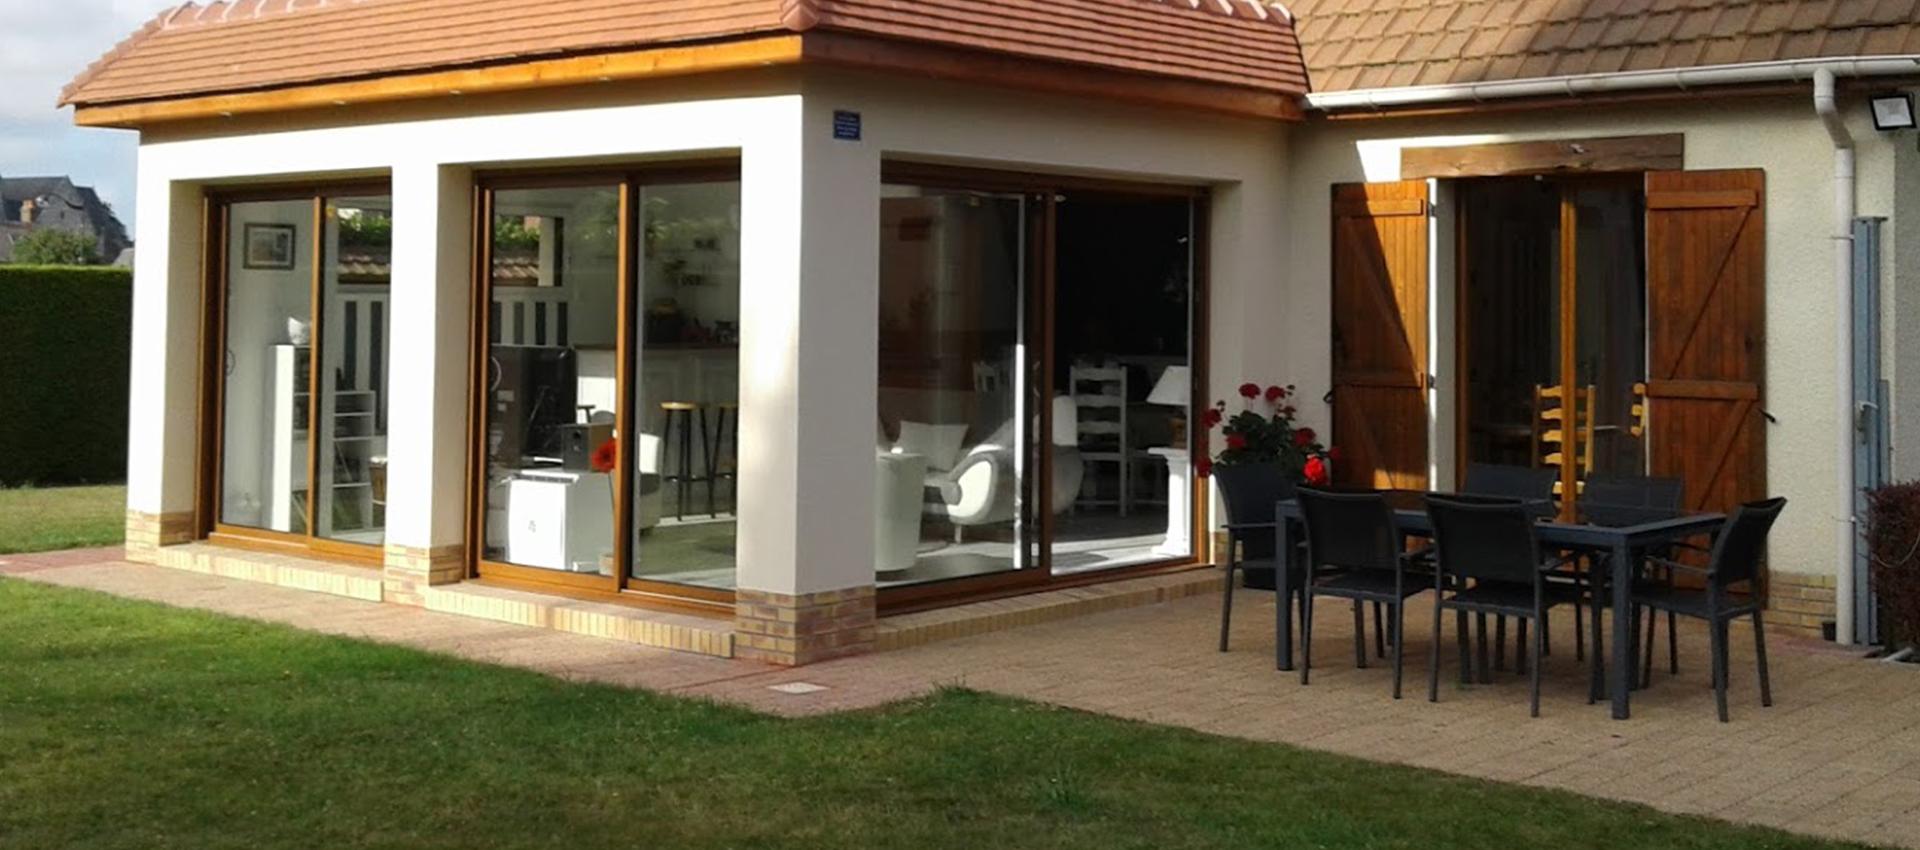 Projet de construction de maison, ravalement de façades, contactez CTB Berenger